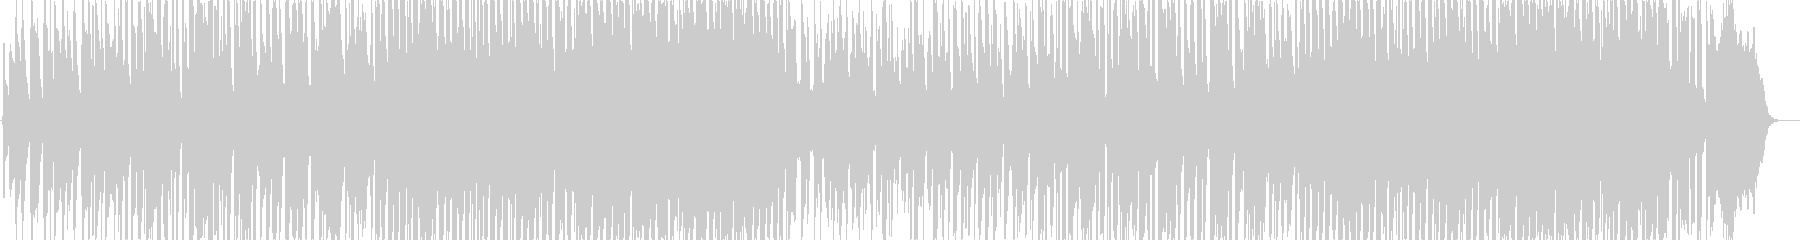 聞き馴染んだ旋律でスローフォックスをの未再生の波形